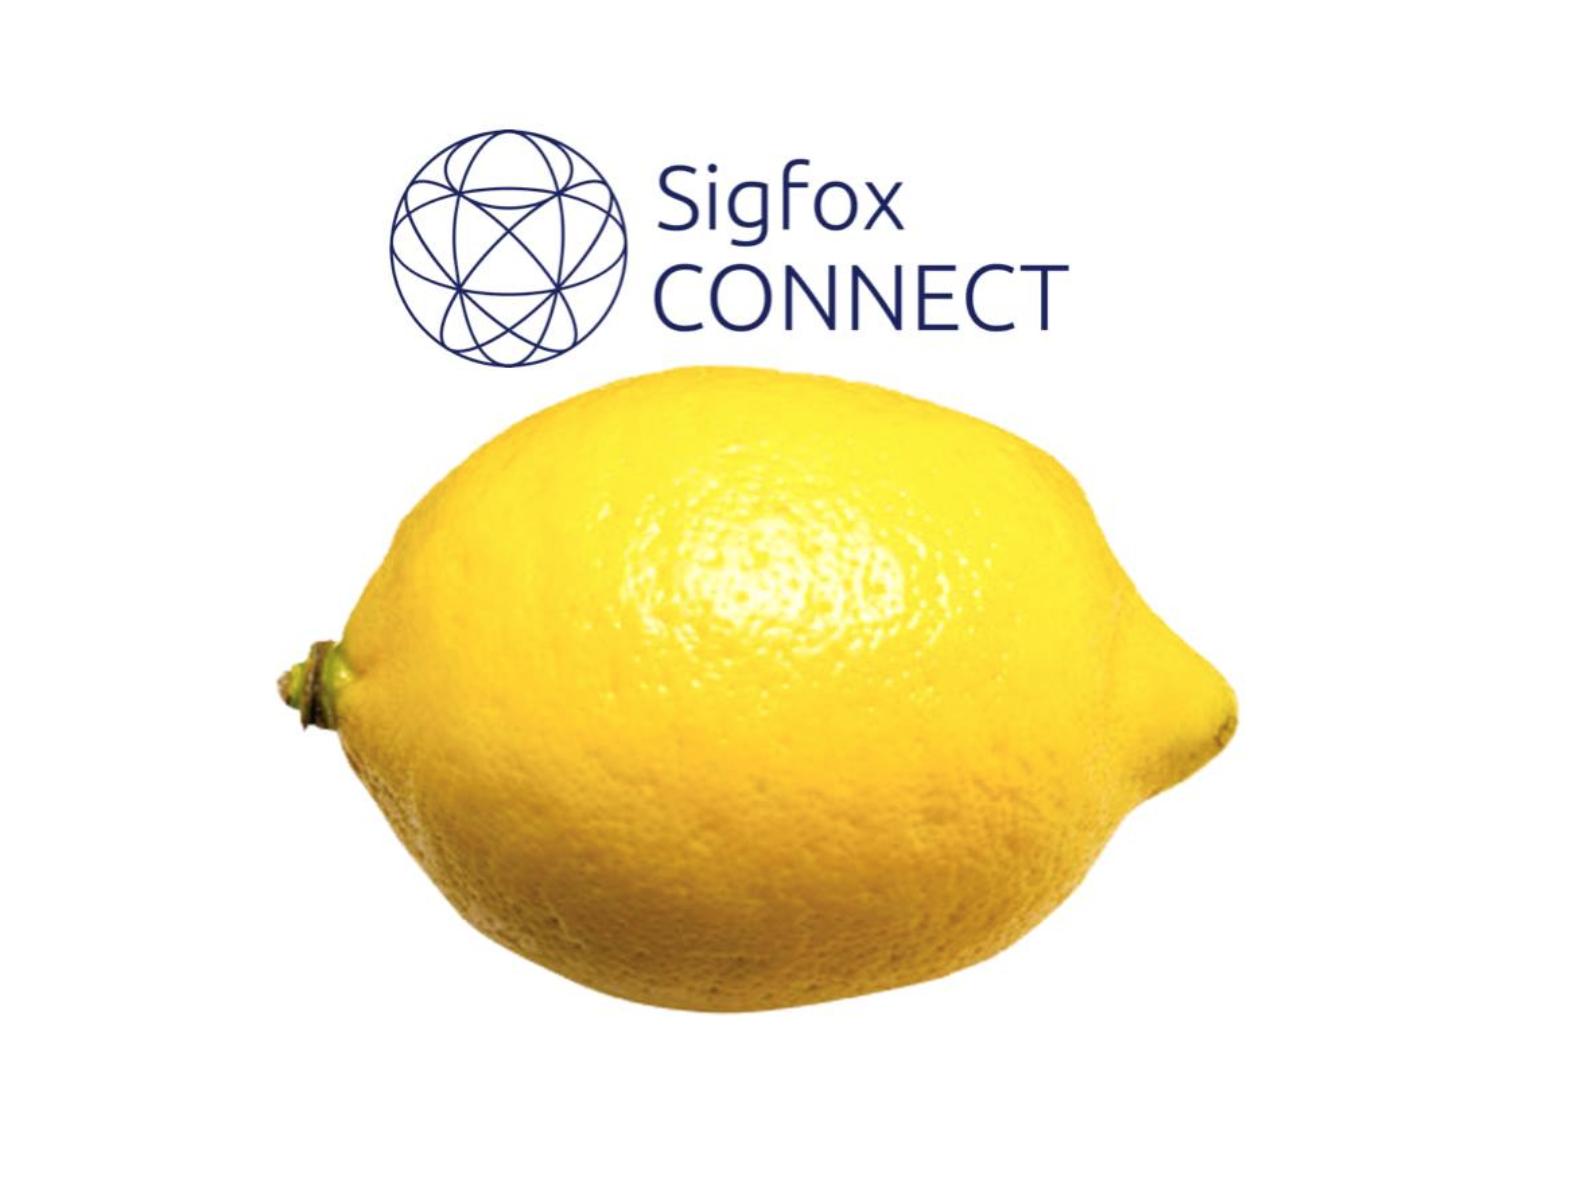 ¡Sólo un limón para la transmisión de datos!